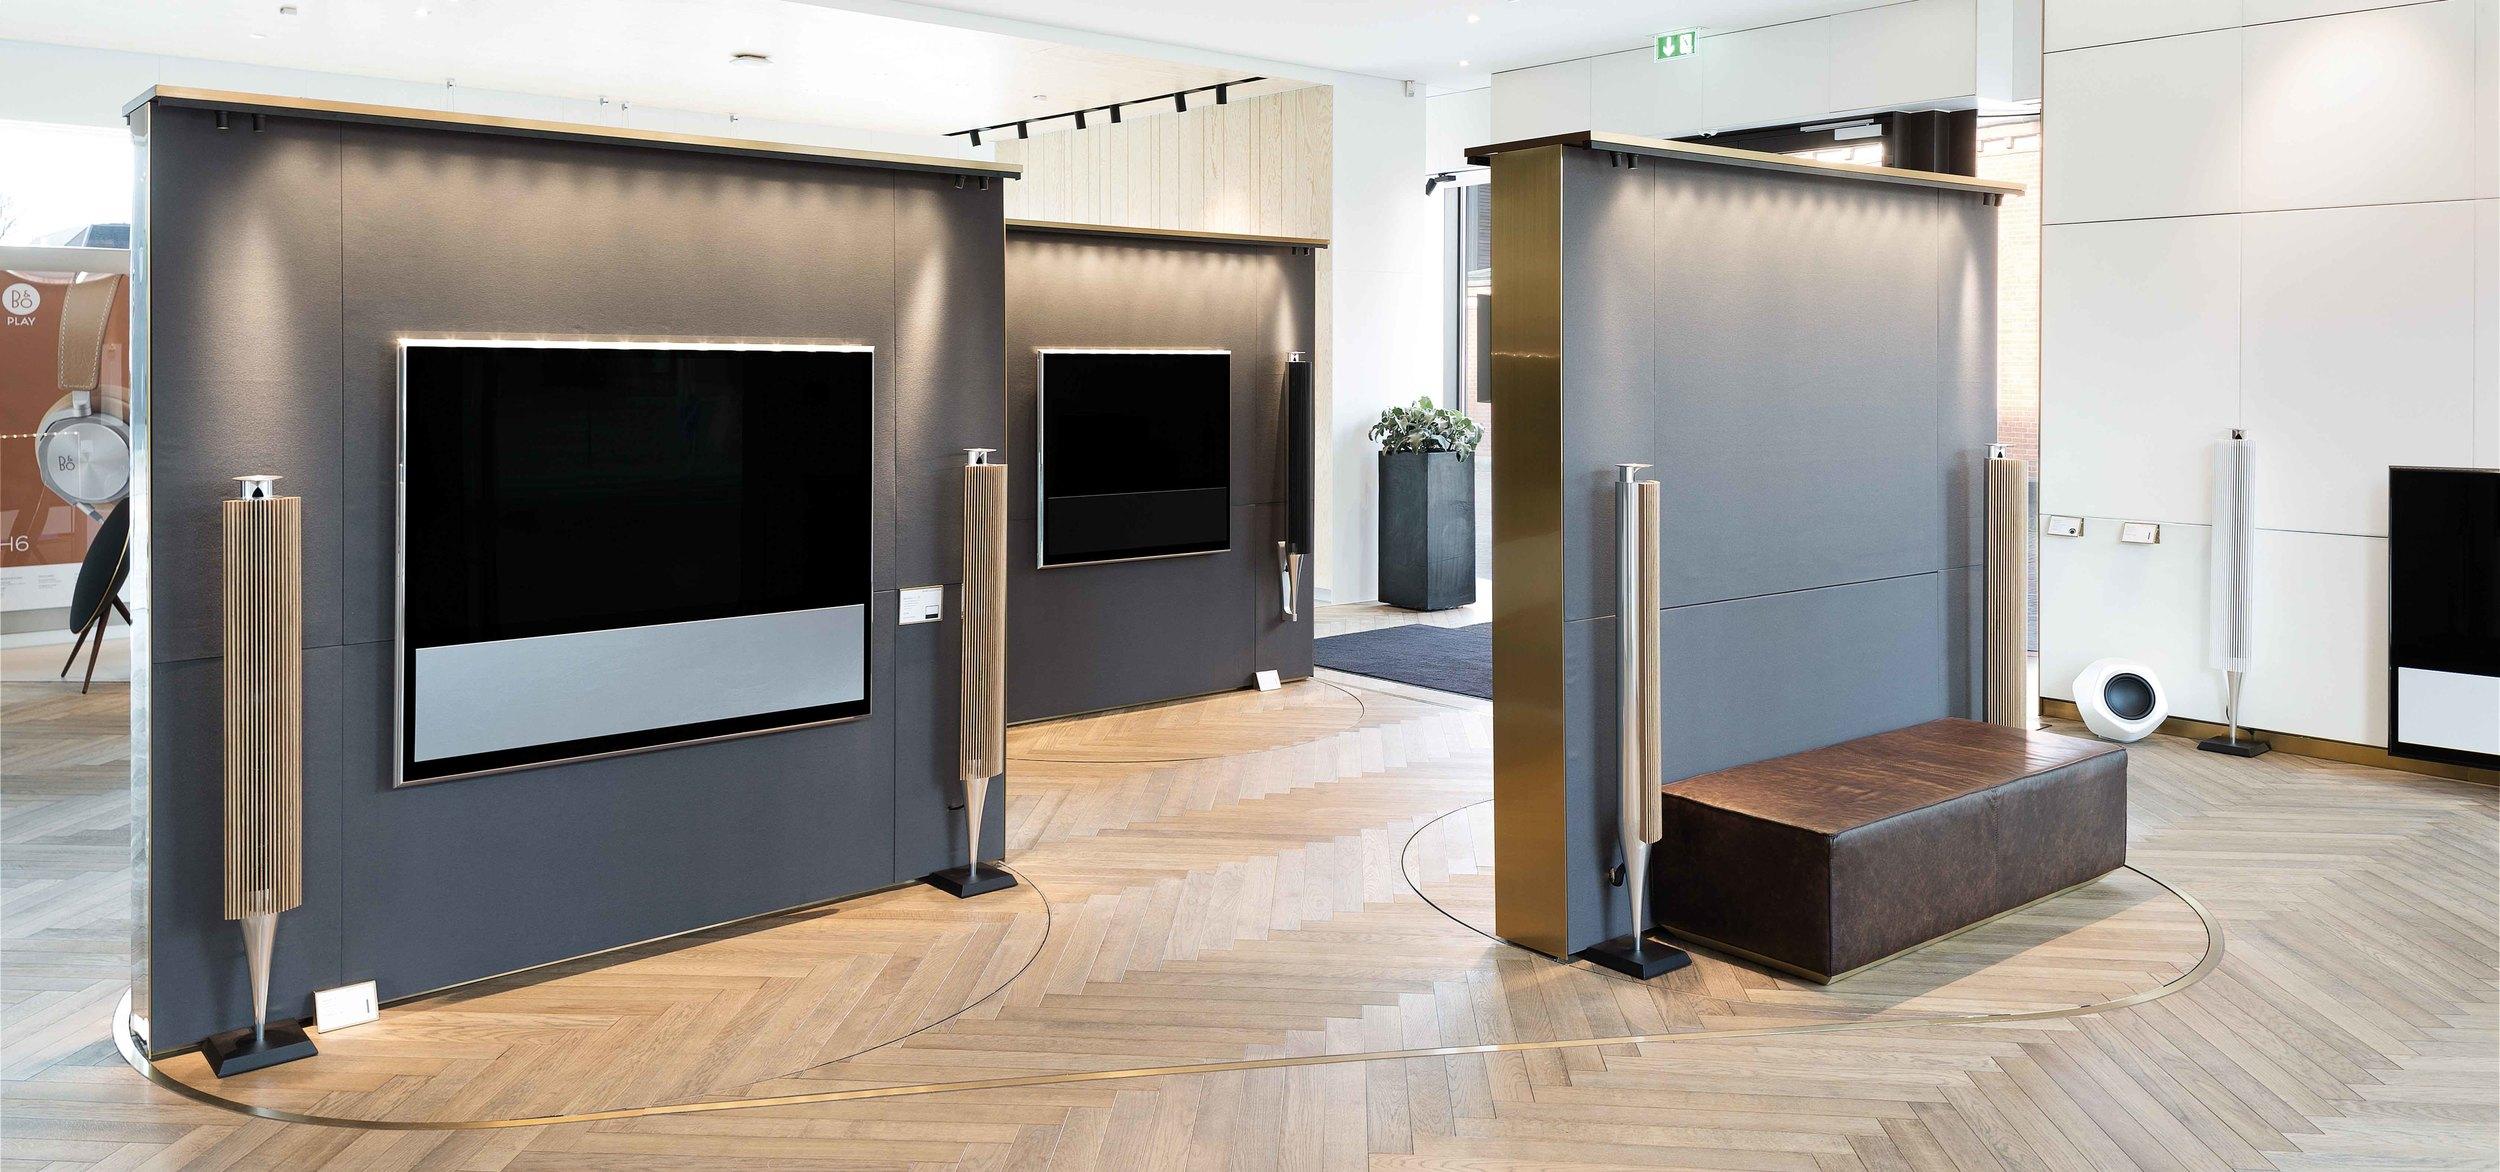 Rotating walls for product display at Bang & Olufsen retail store